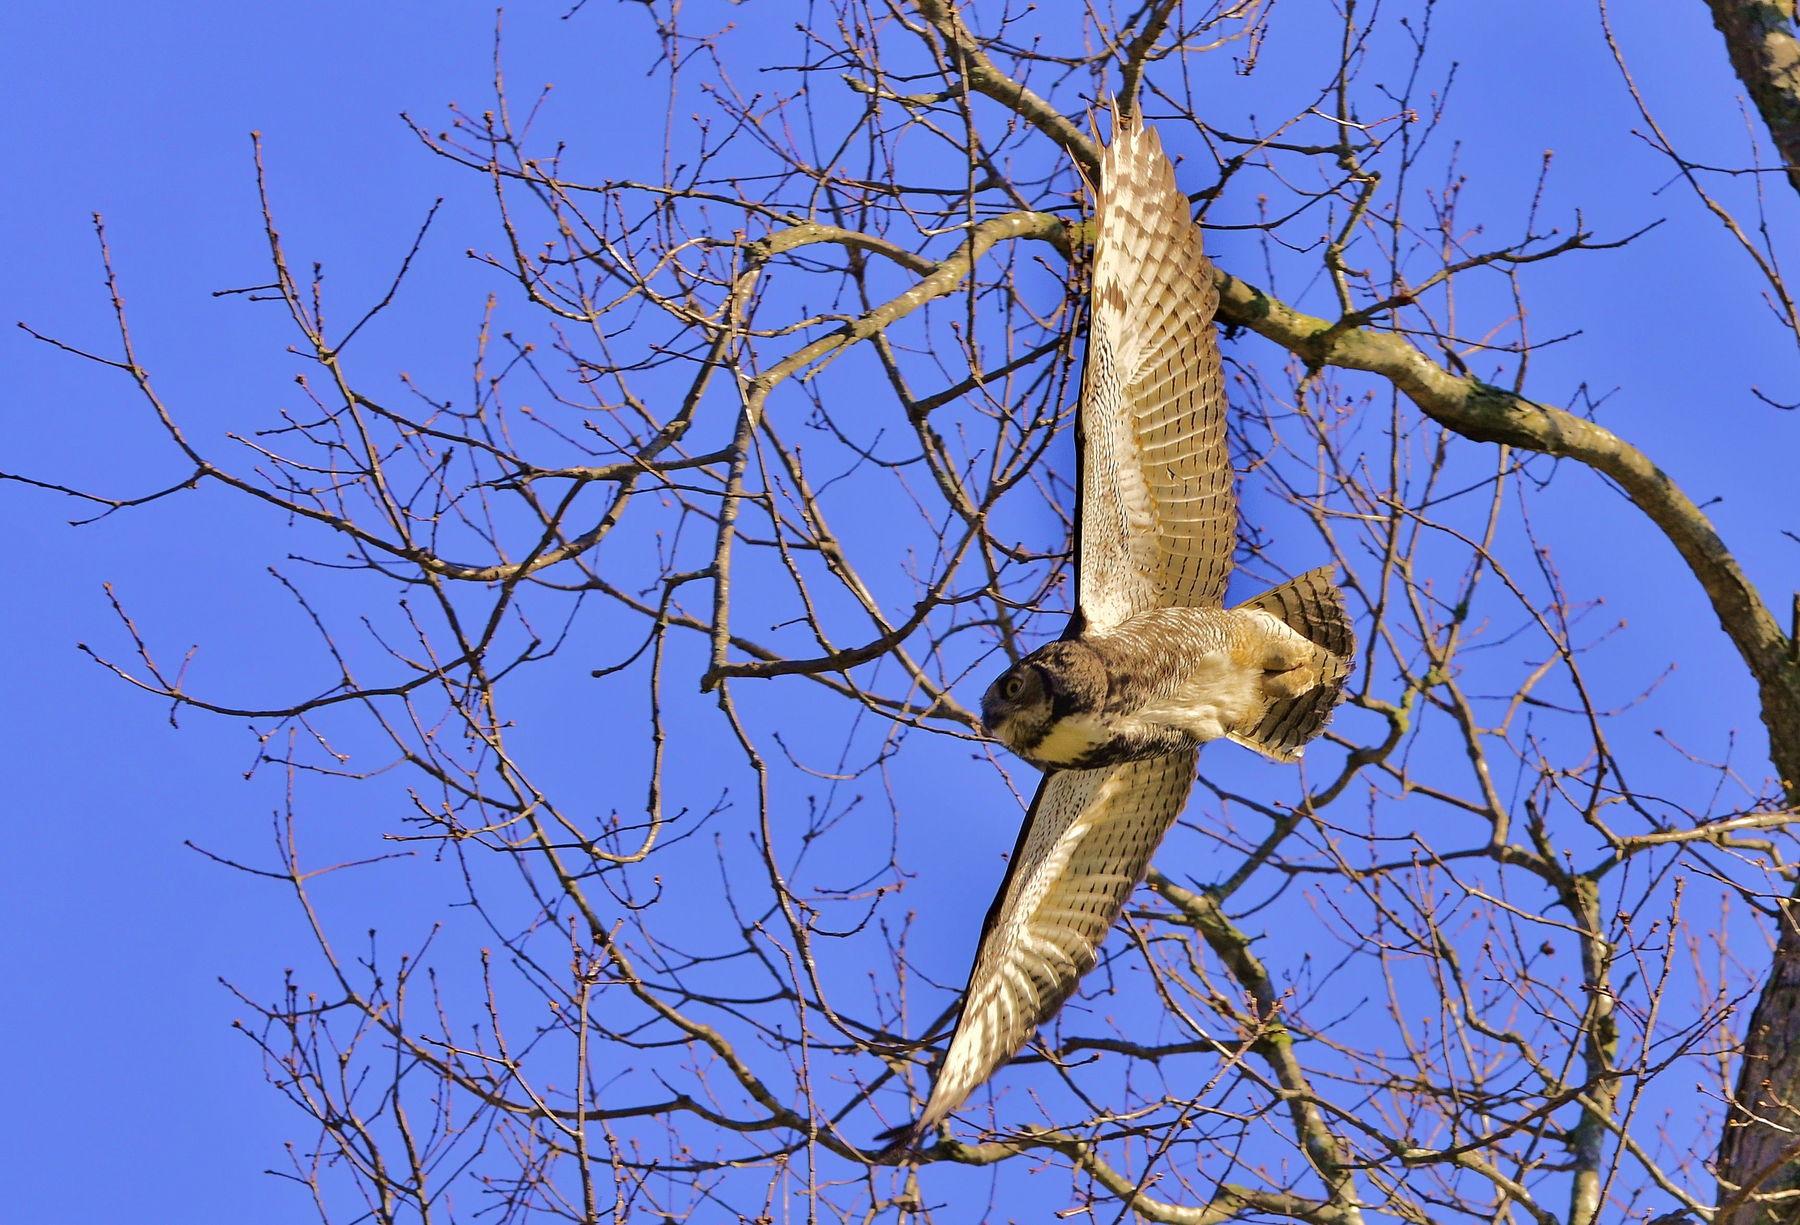 Great_Horned_Owl-9j1